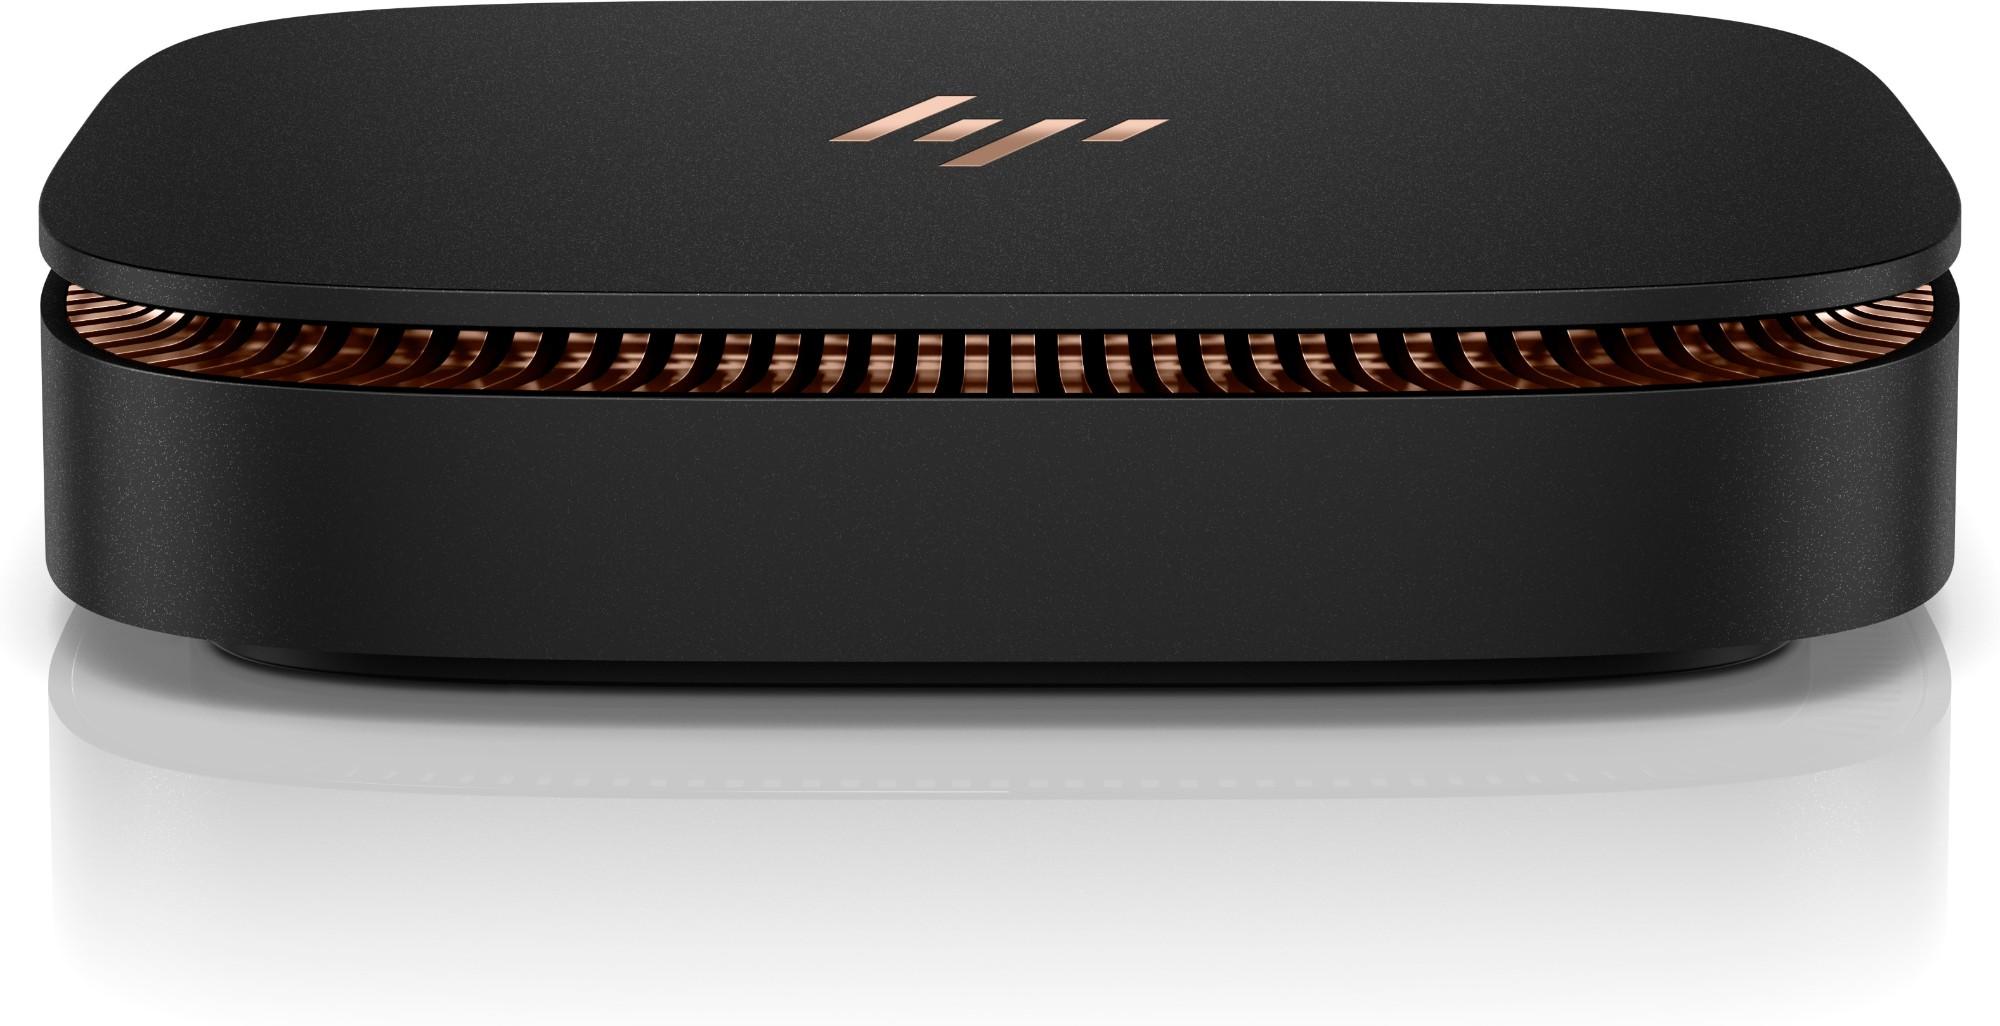 HP Elite Slice i5-6500T / 8GB 256GB Wib10 Pro